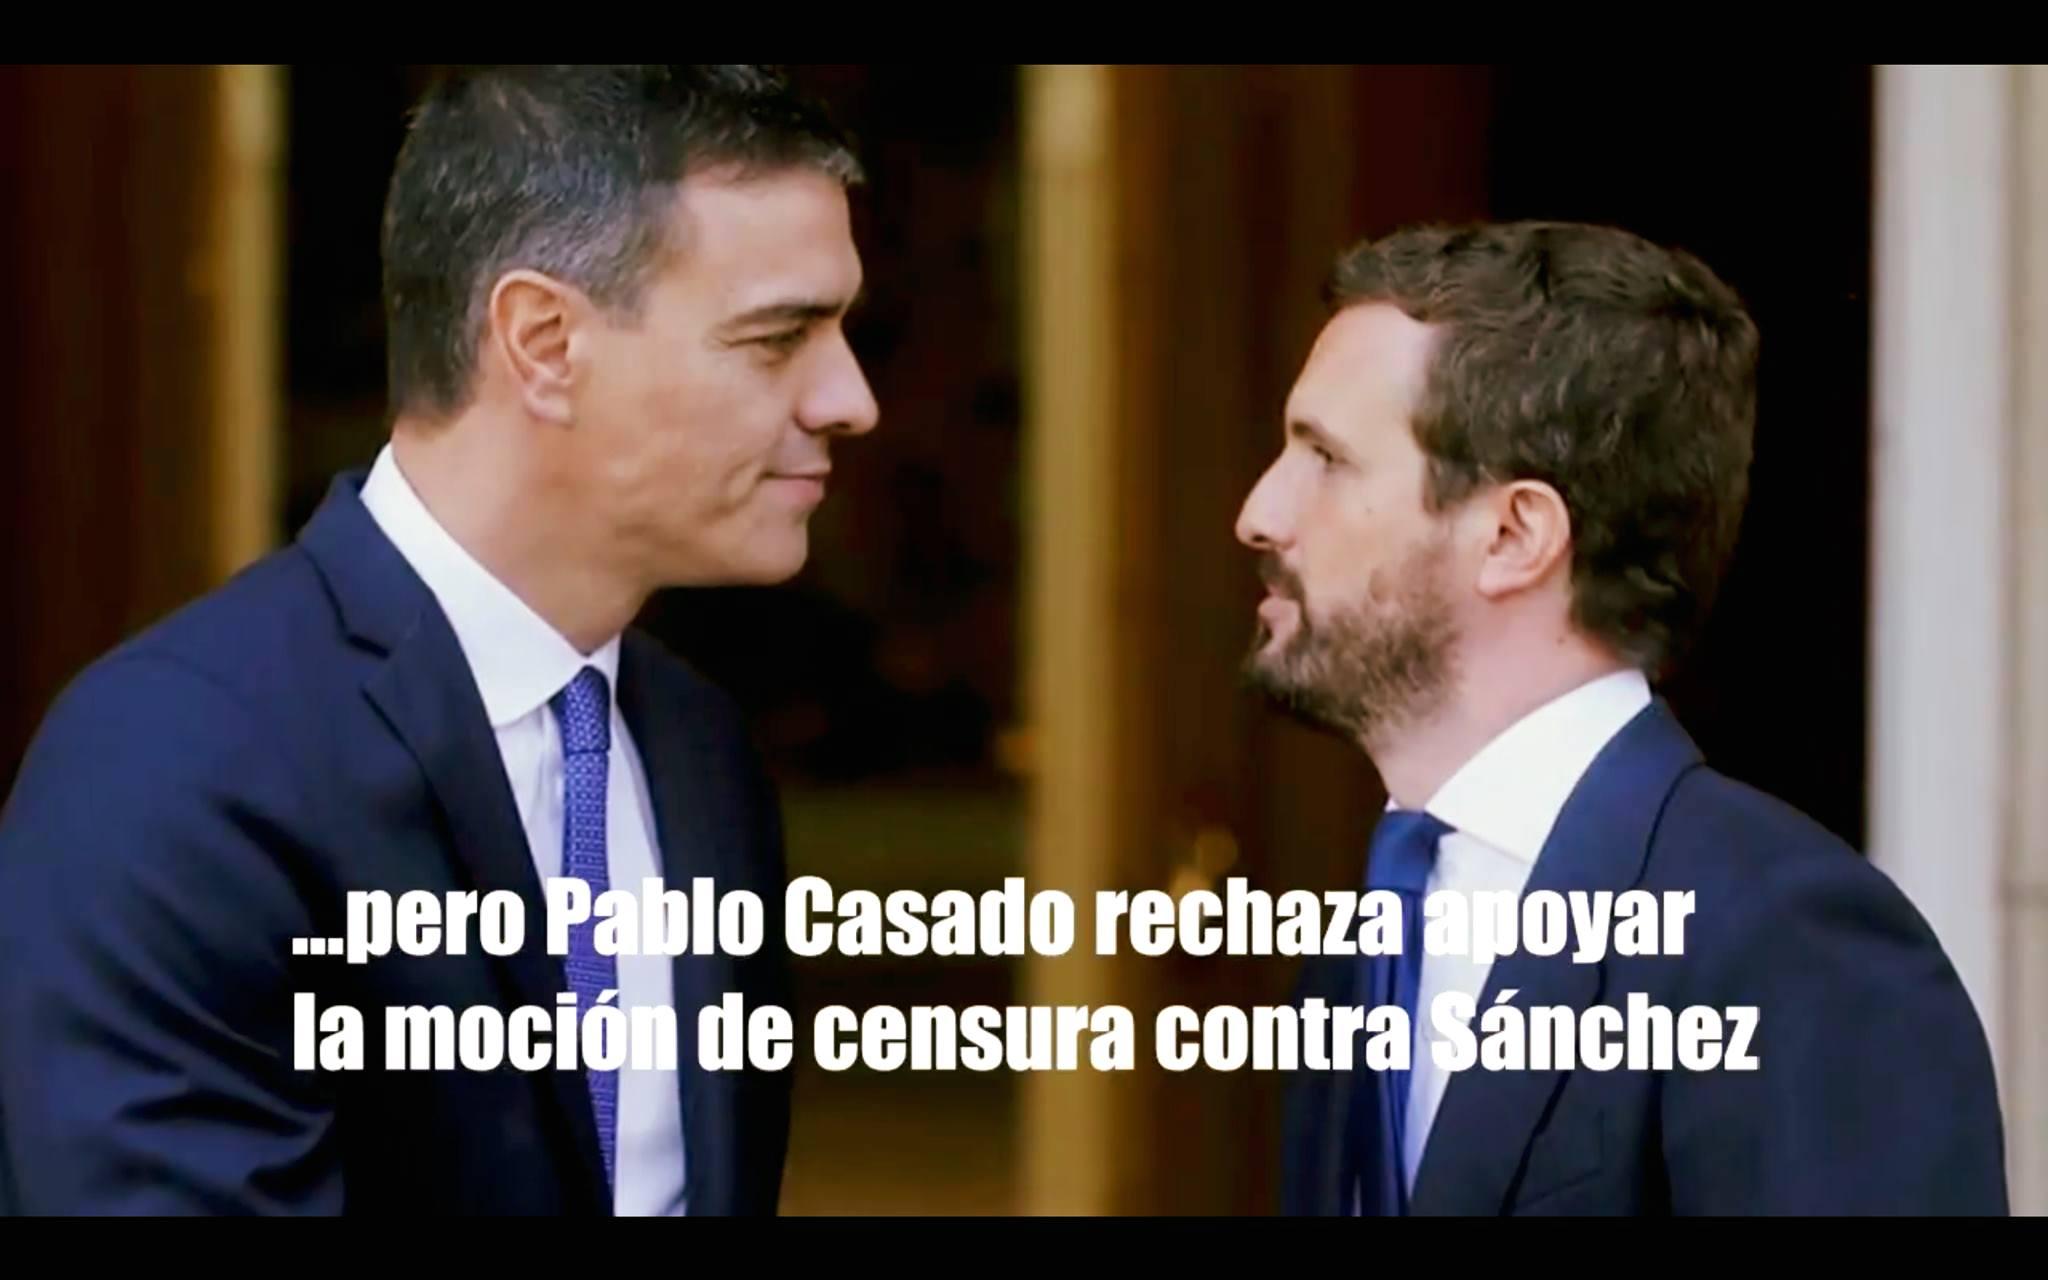 Pablo Casado rechaza apoyar la moción de censura